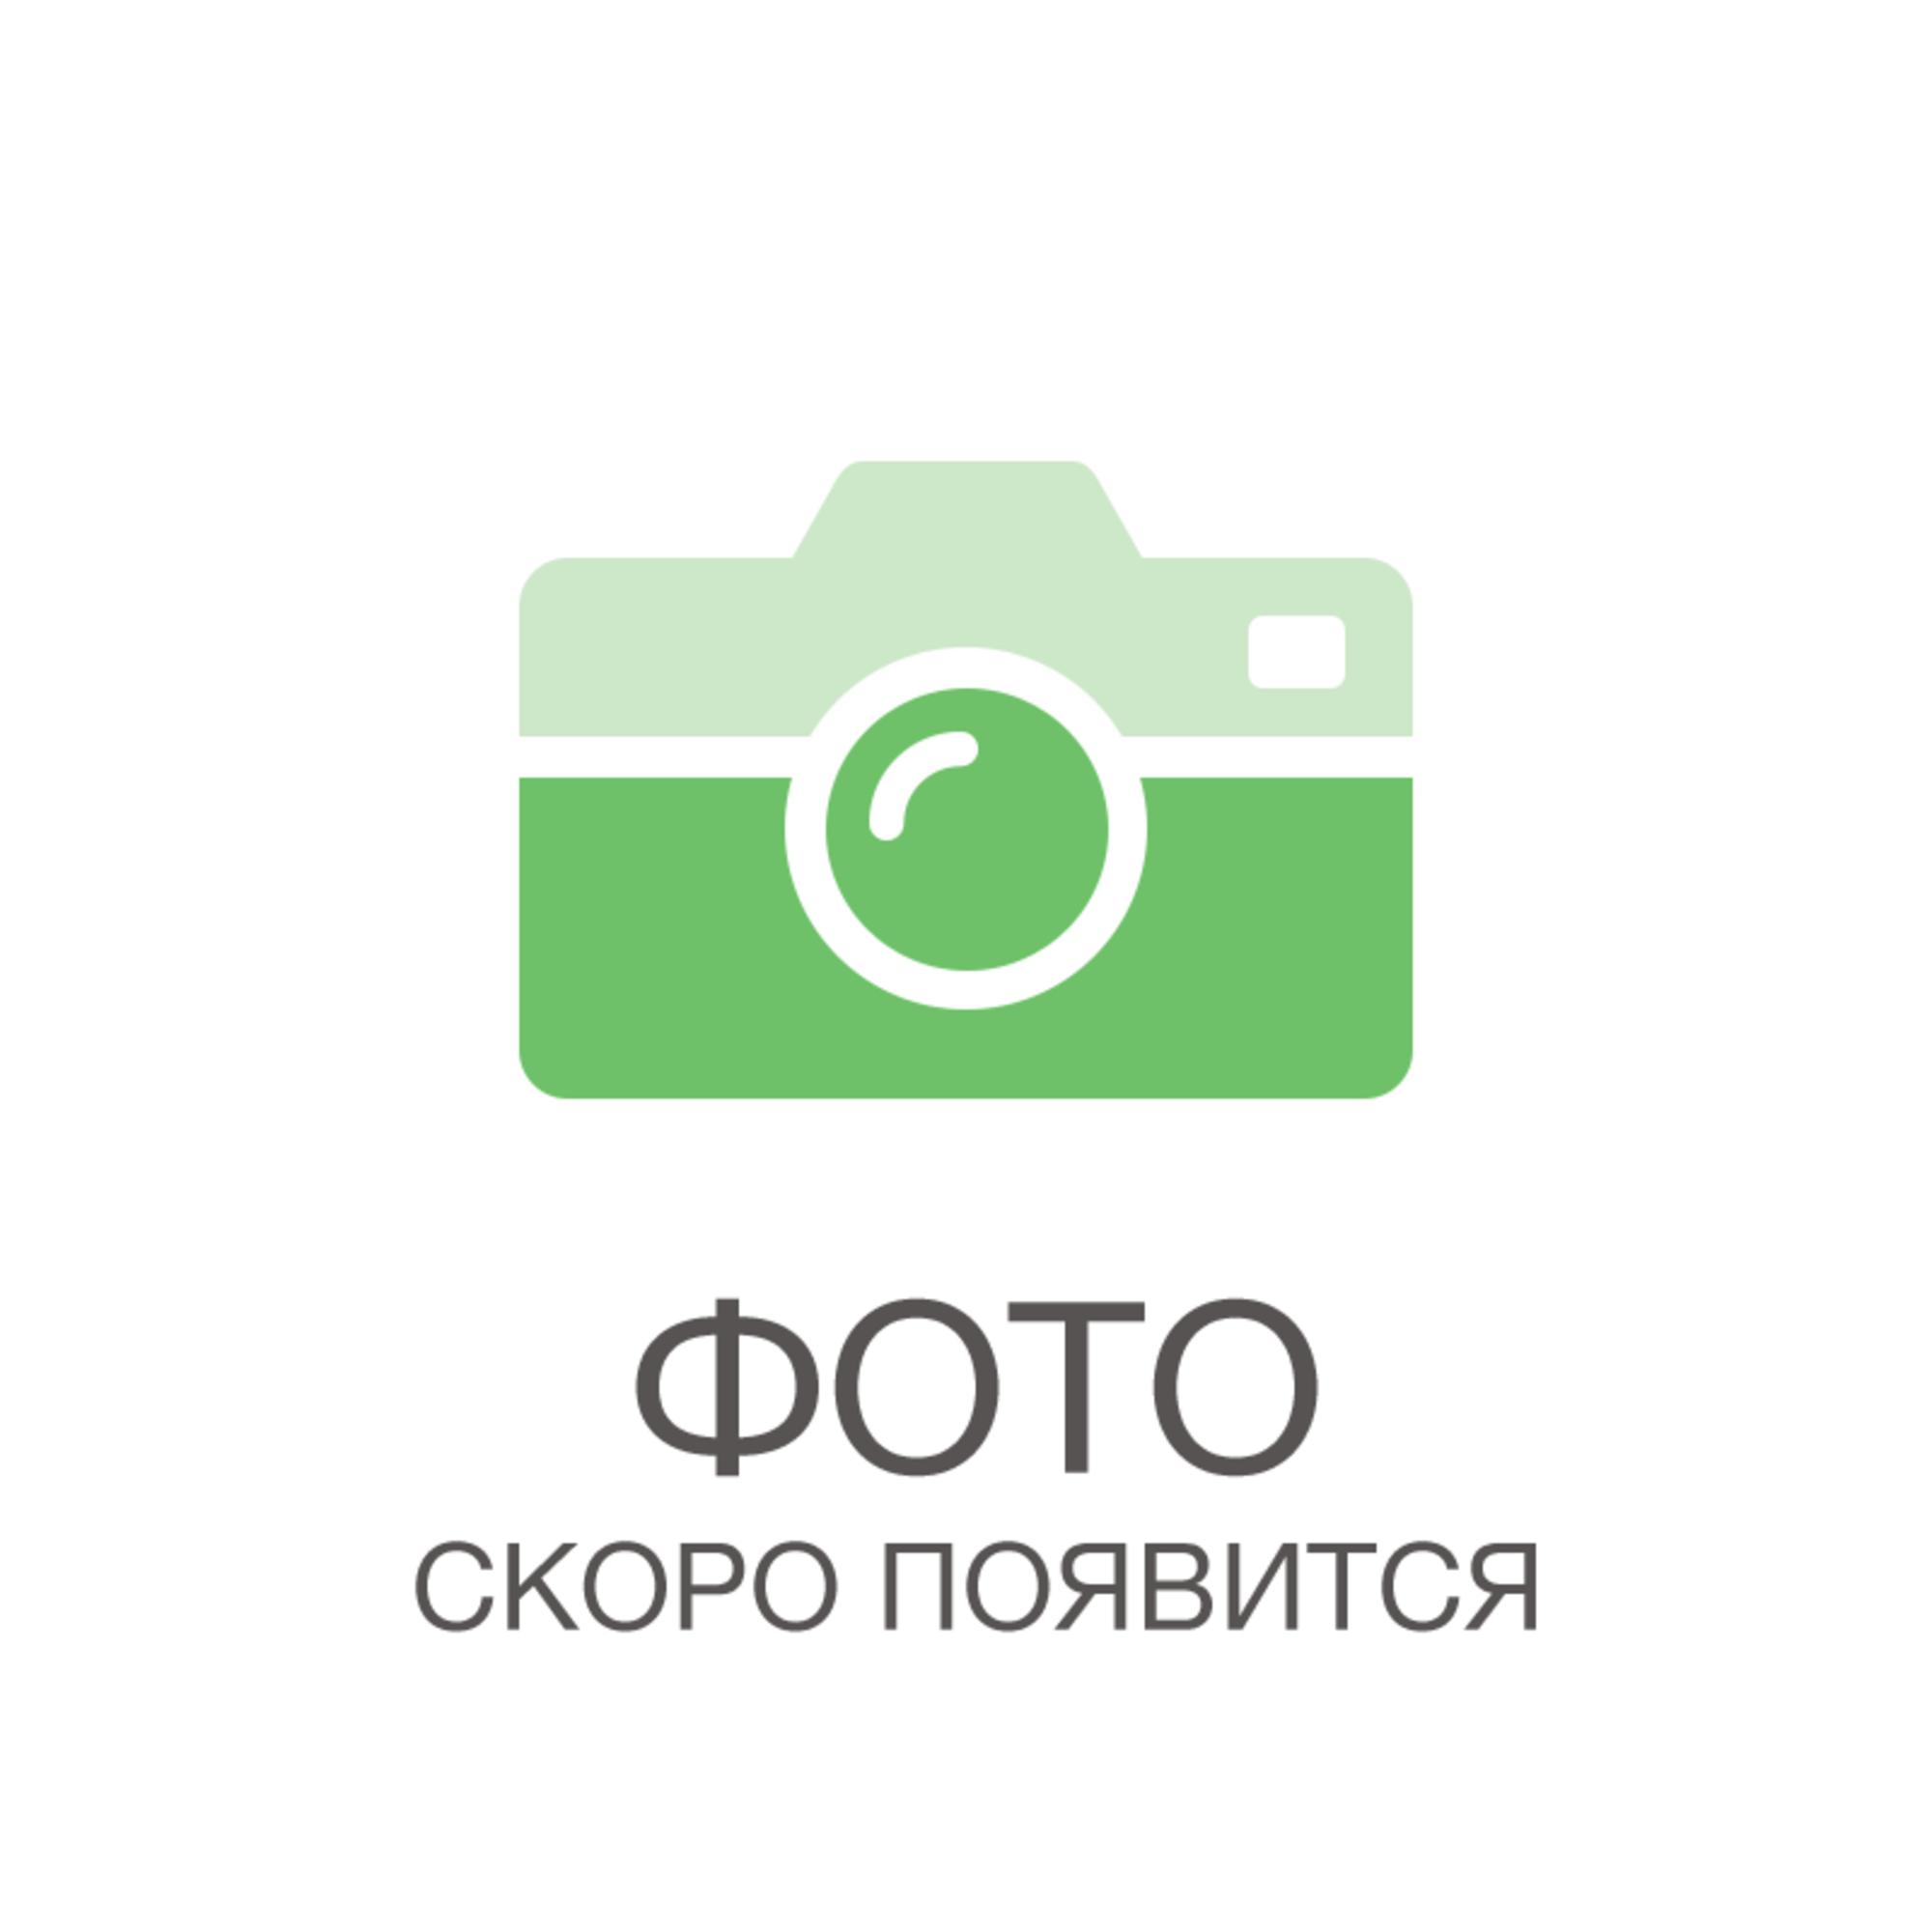 Лампа светодиодная филаментная Elektrostandard E27 4 Вт декоративная прозрачная 220 лм теплый белый свет